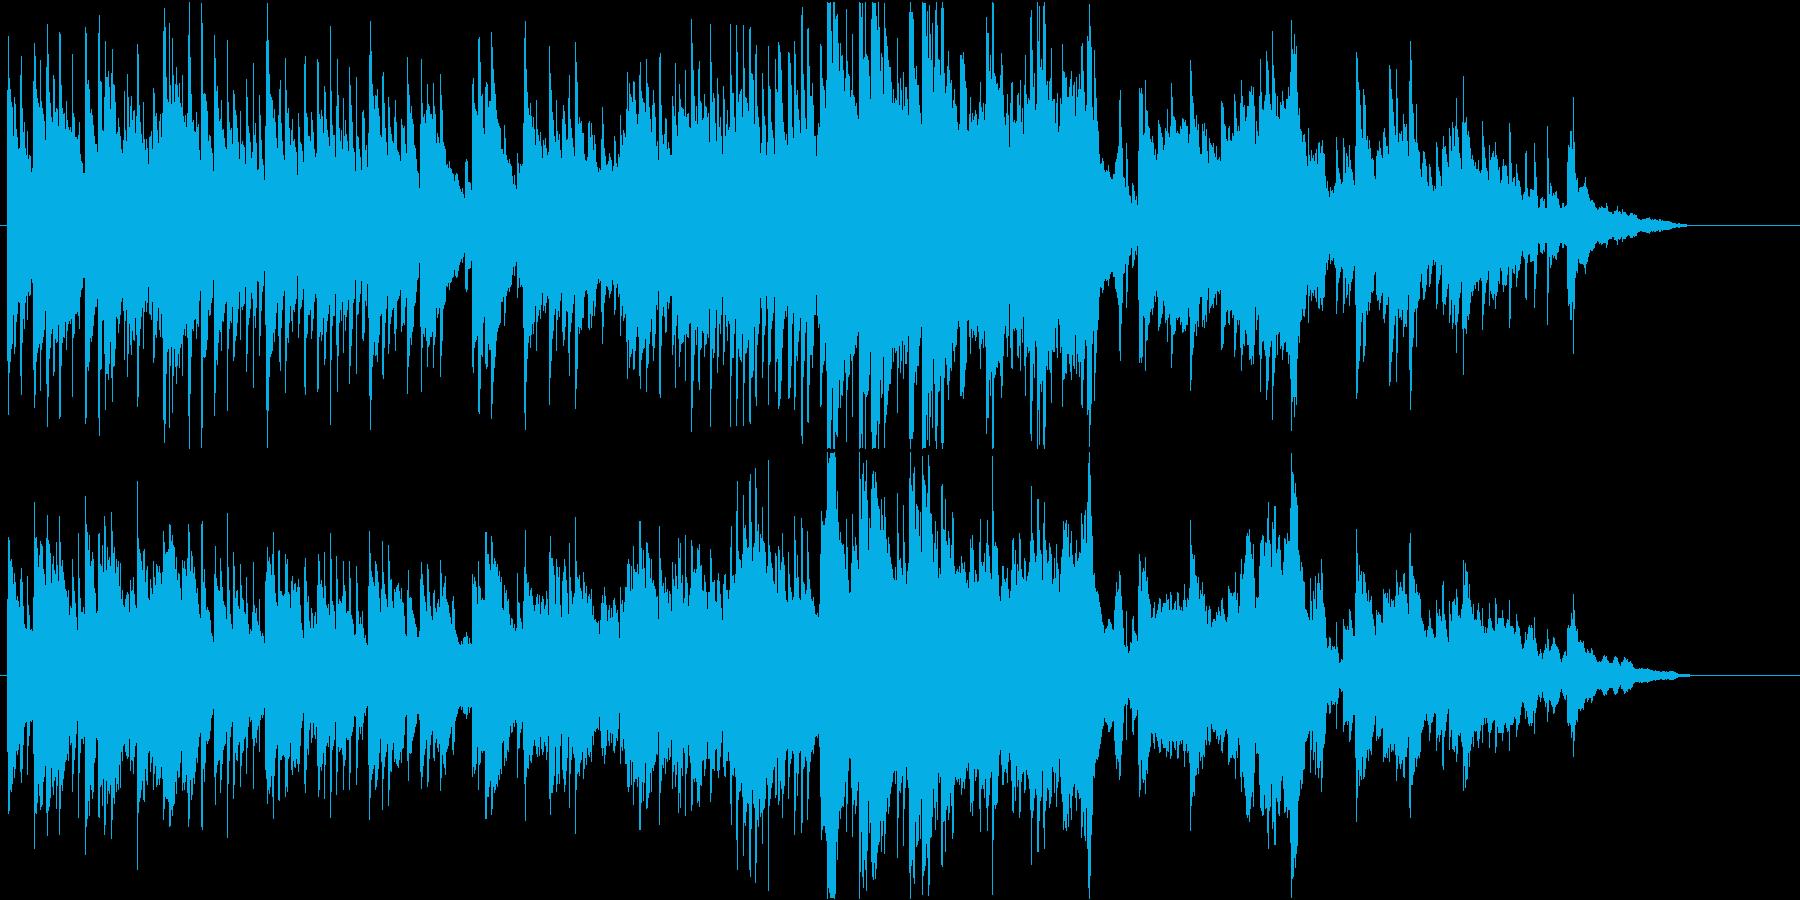 温かでちょっと切ないピアノバラードの再生済みの波形